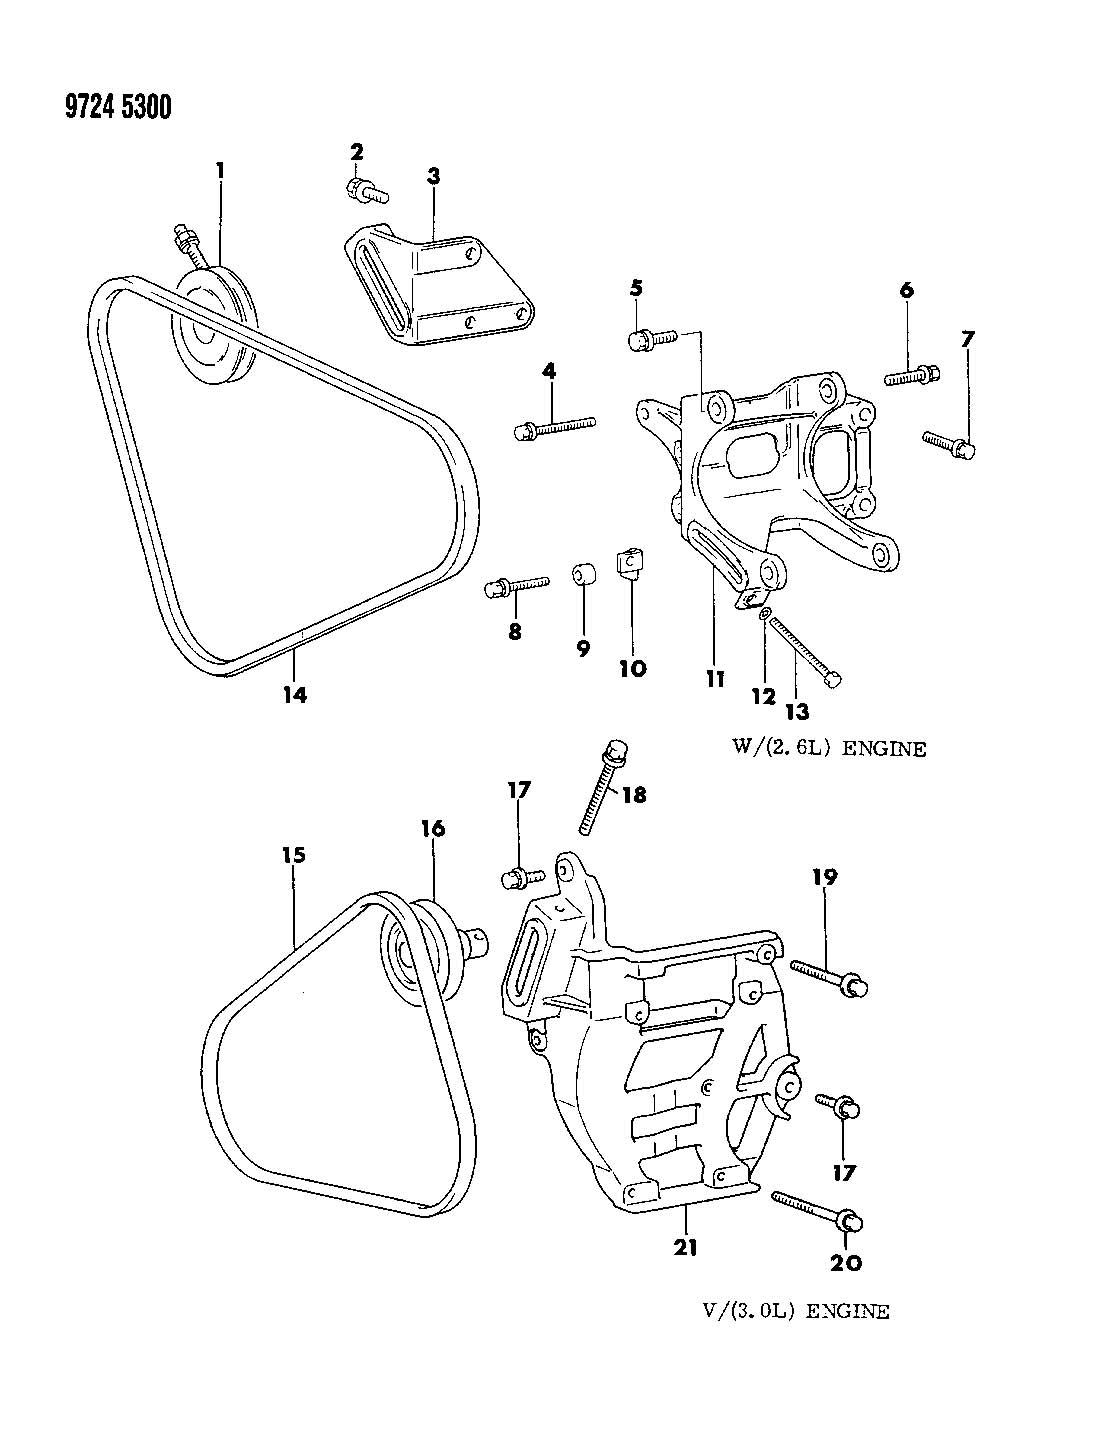 1989 dodge raider wiring diagram